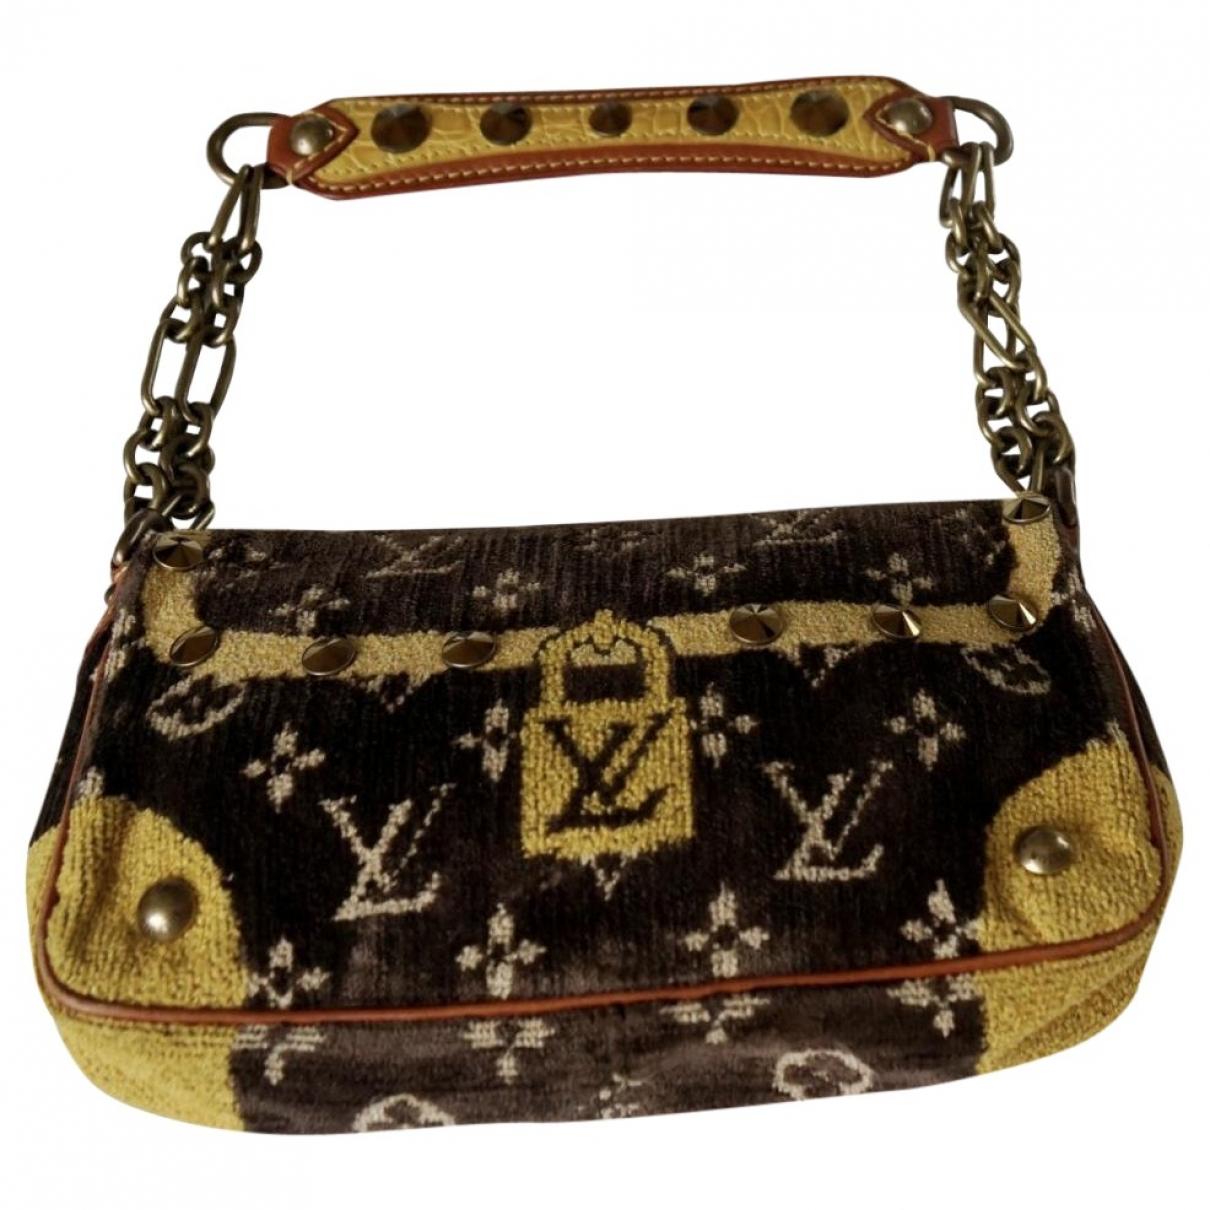 Louis Vuitton Trompe loeil Handtasche in  Braun Samt